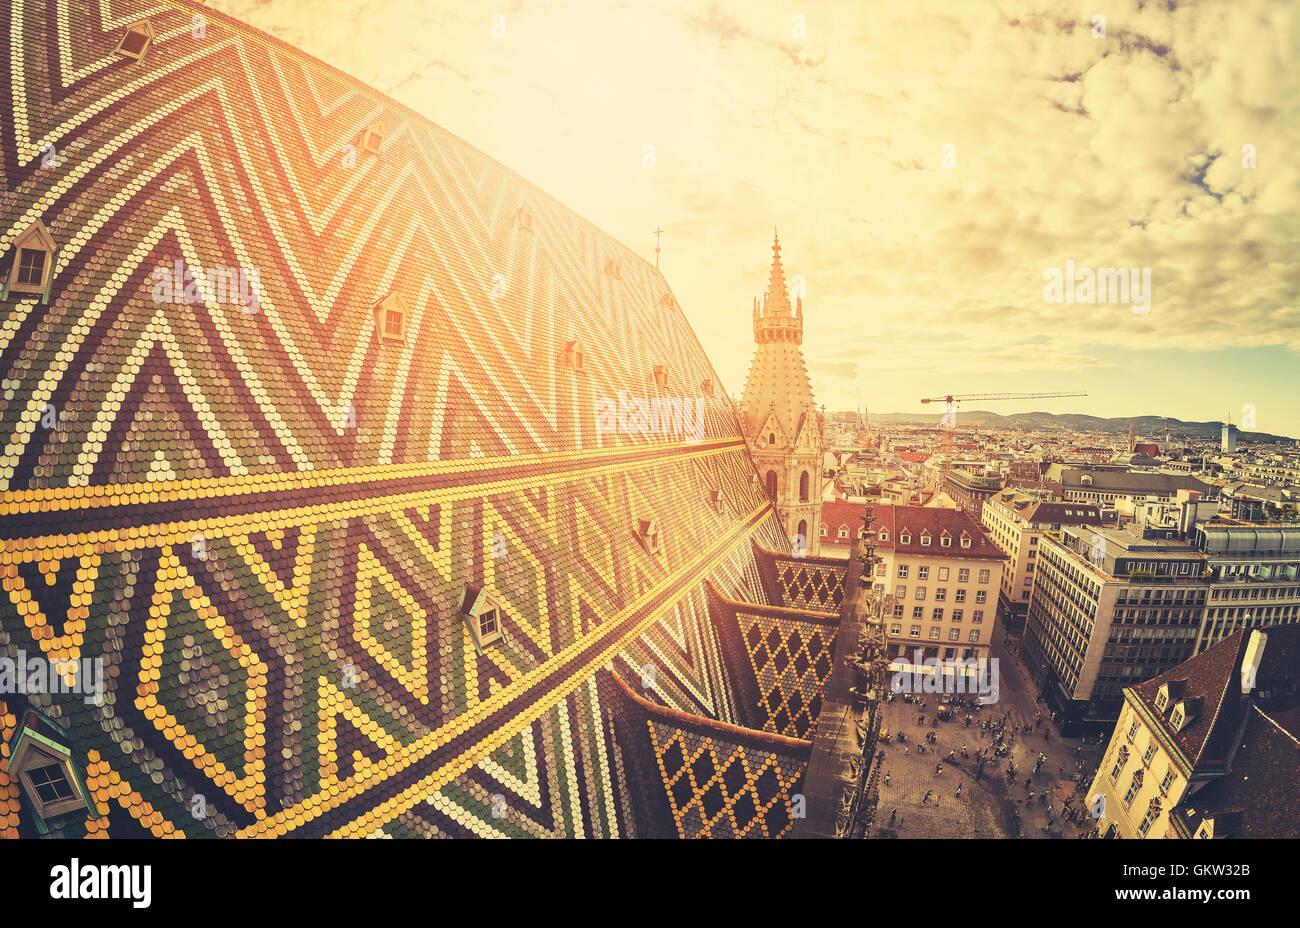 Retrò stilizzata obiettivo fisheye foto di Vienna al tramonto, vista dalla torre nord della Cattedrale di Santo Immagini Stock